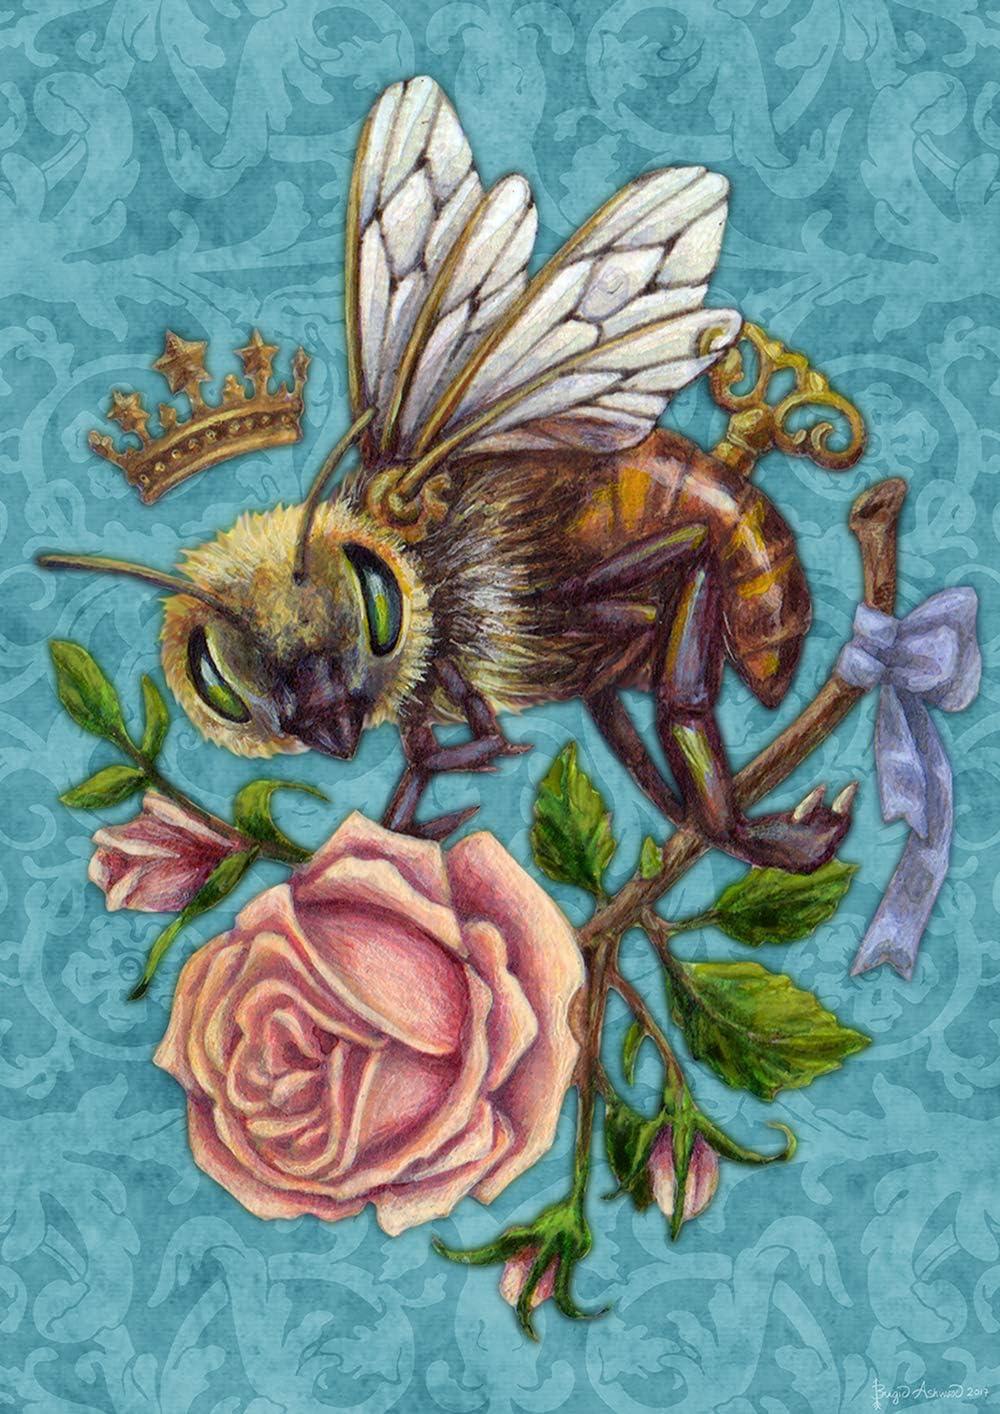 """Toland Home Garden 1112465 Steampunk Bee 12.5 x 18 Inch Decorative, Garden Flag (12.5"""" x 18"""")"""